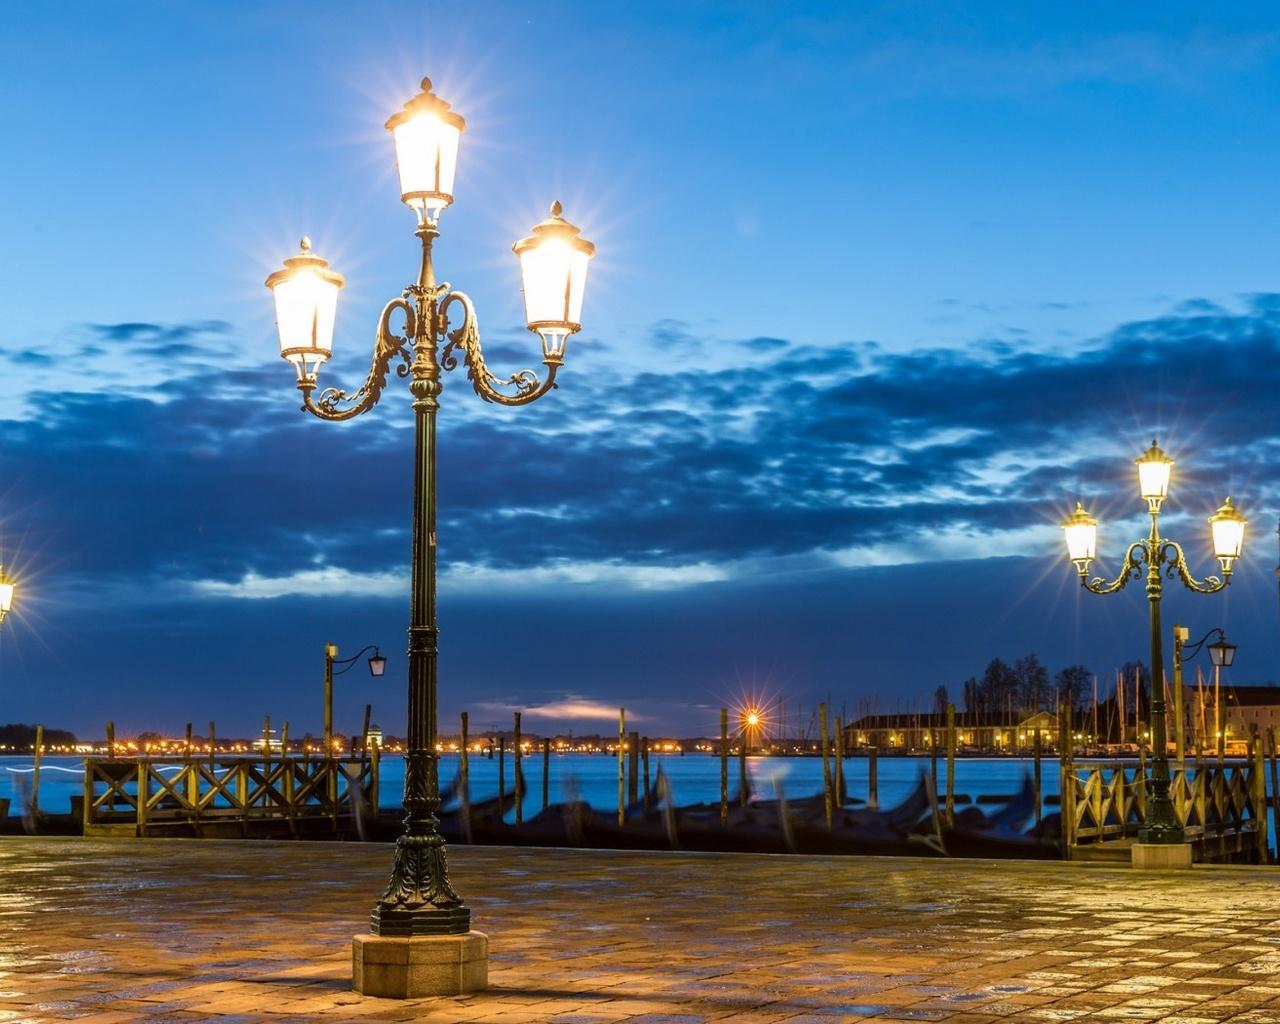 venice, италия, венеция, площадь, italy